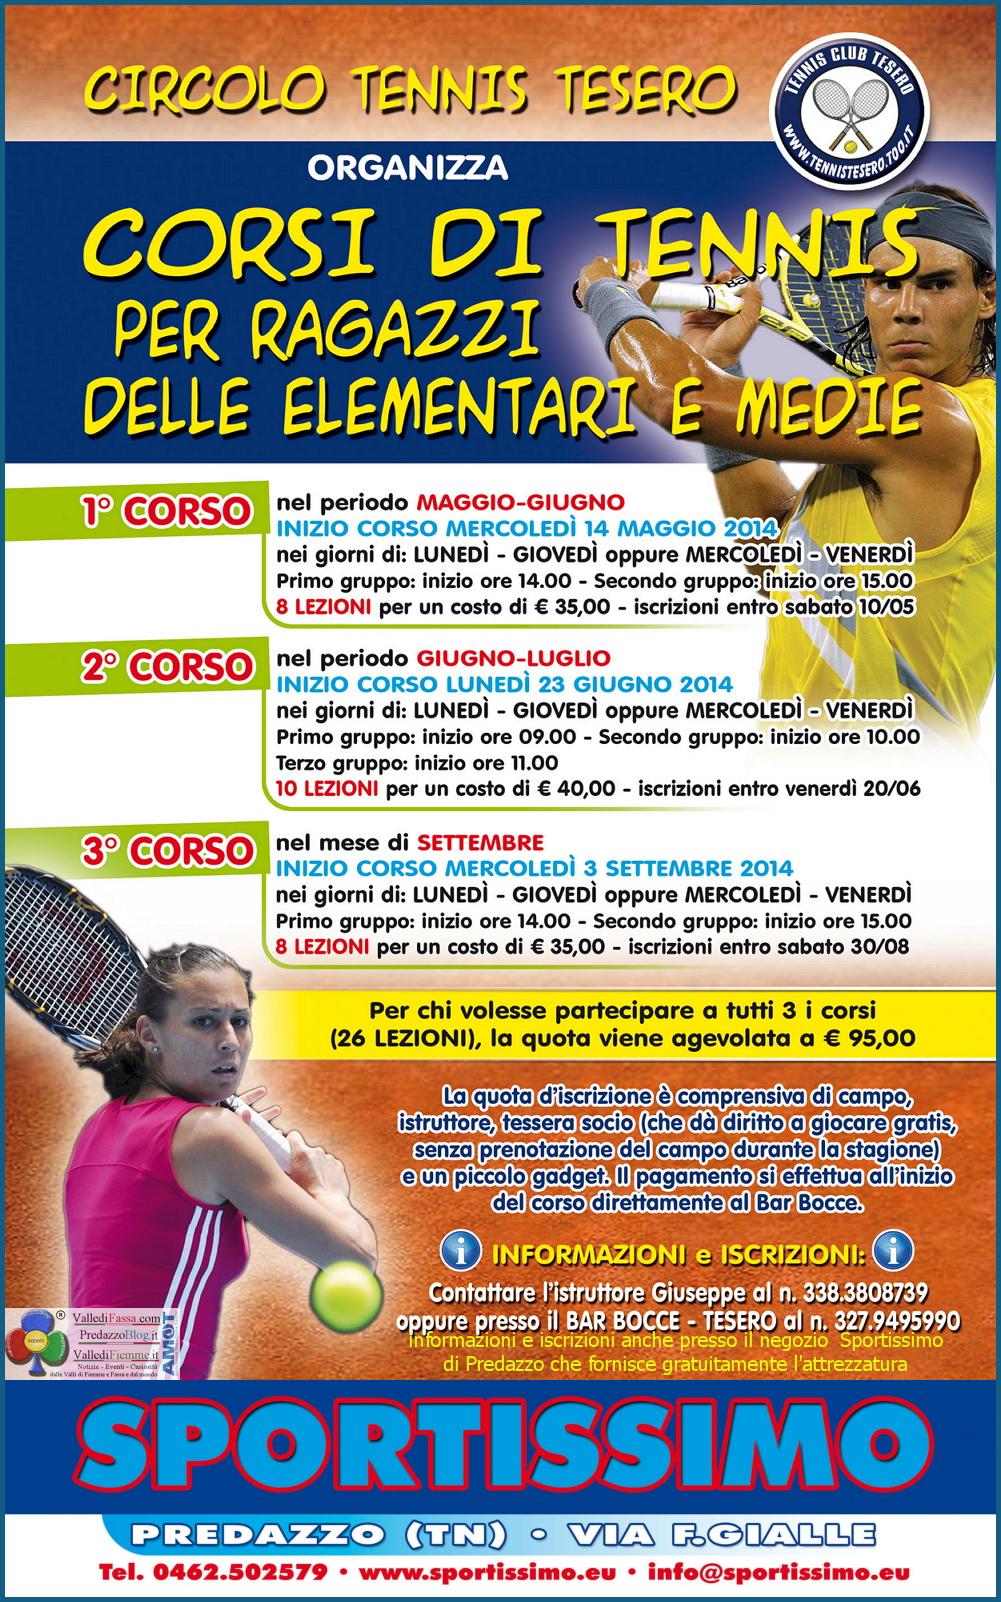 VOLANTINO CORSI TENNIS TESERO 2014 fiemme Imparare il Tennis in Valle di Fiemme